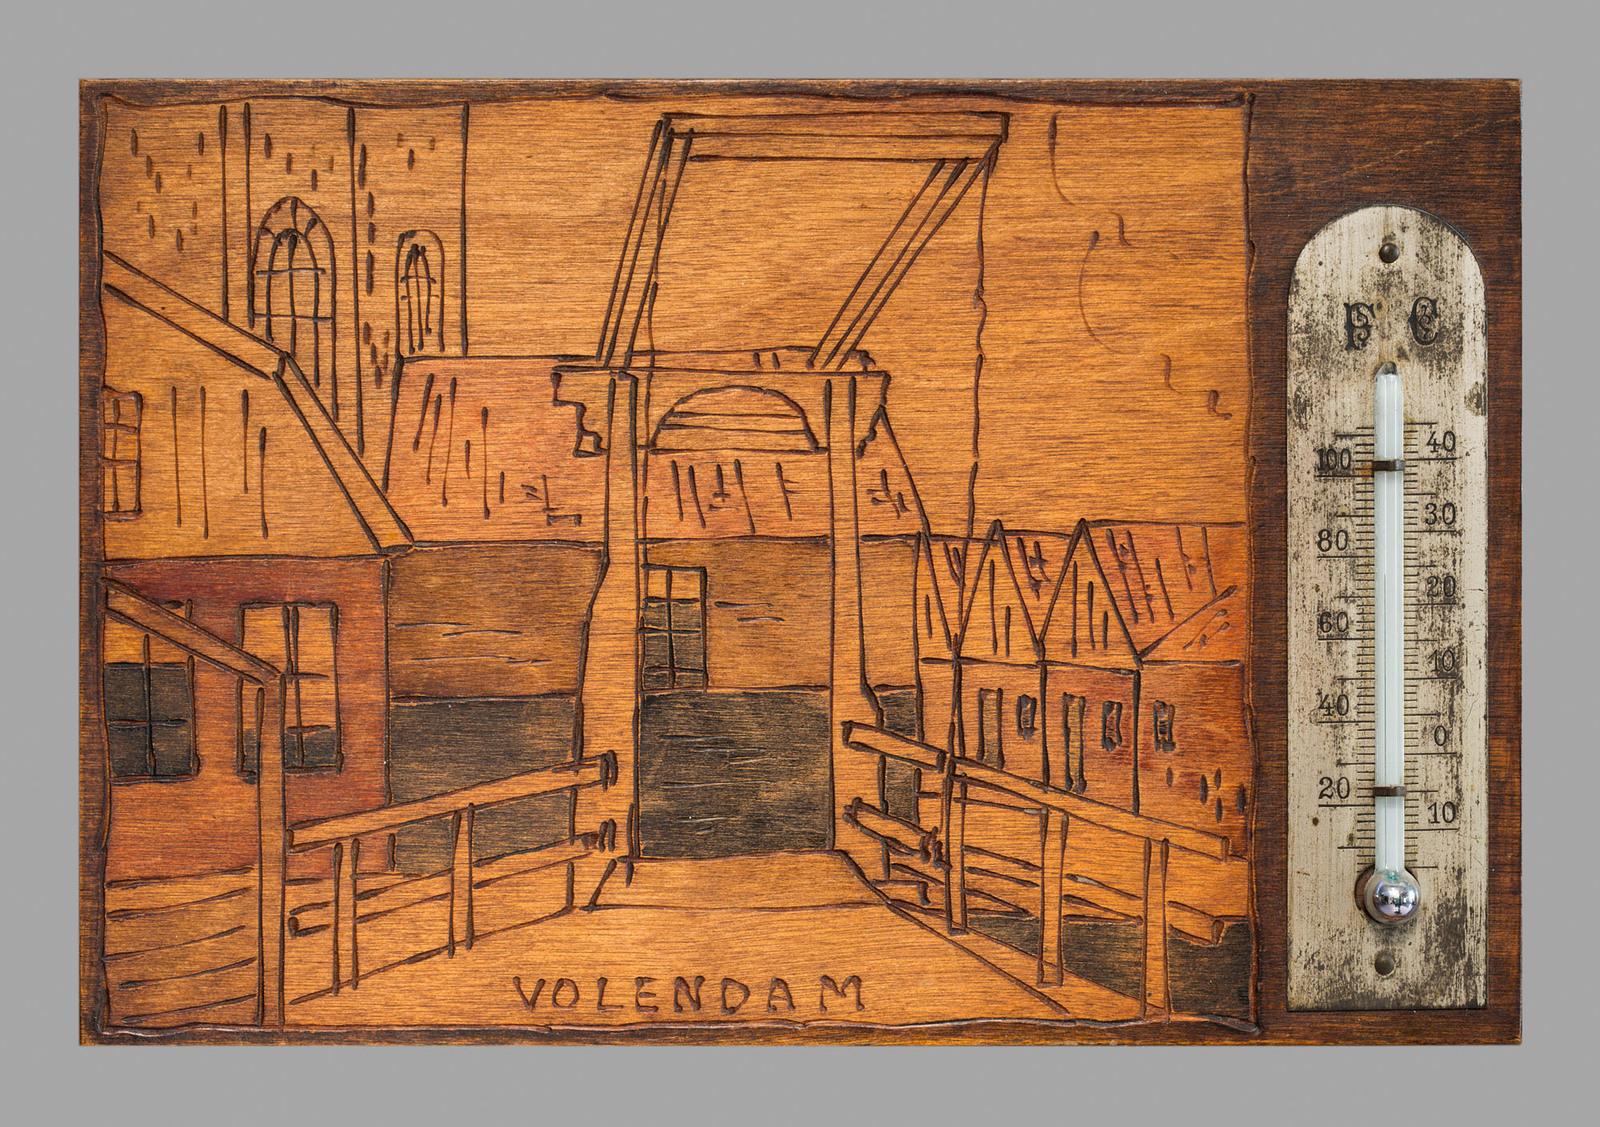 Afbeelding brug te Volendam. gesneden in hout met thermometer.